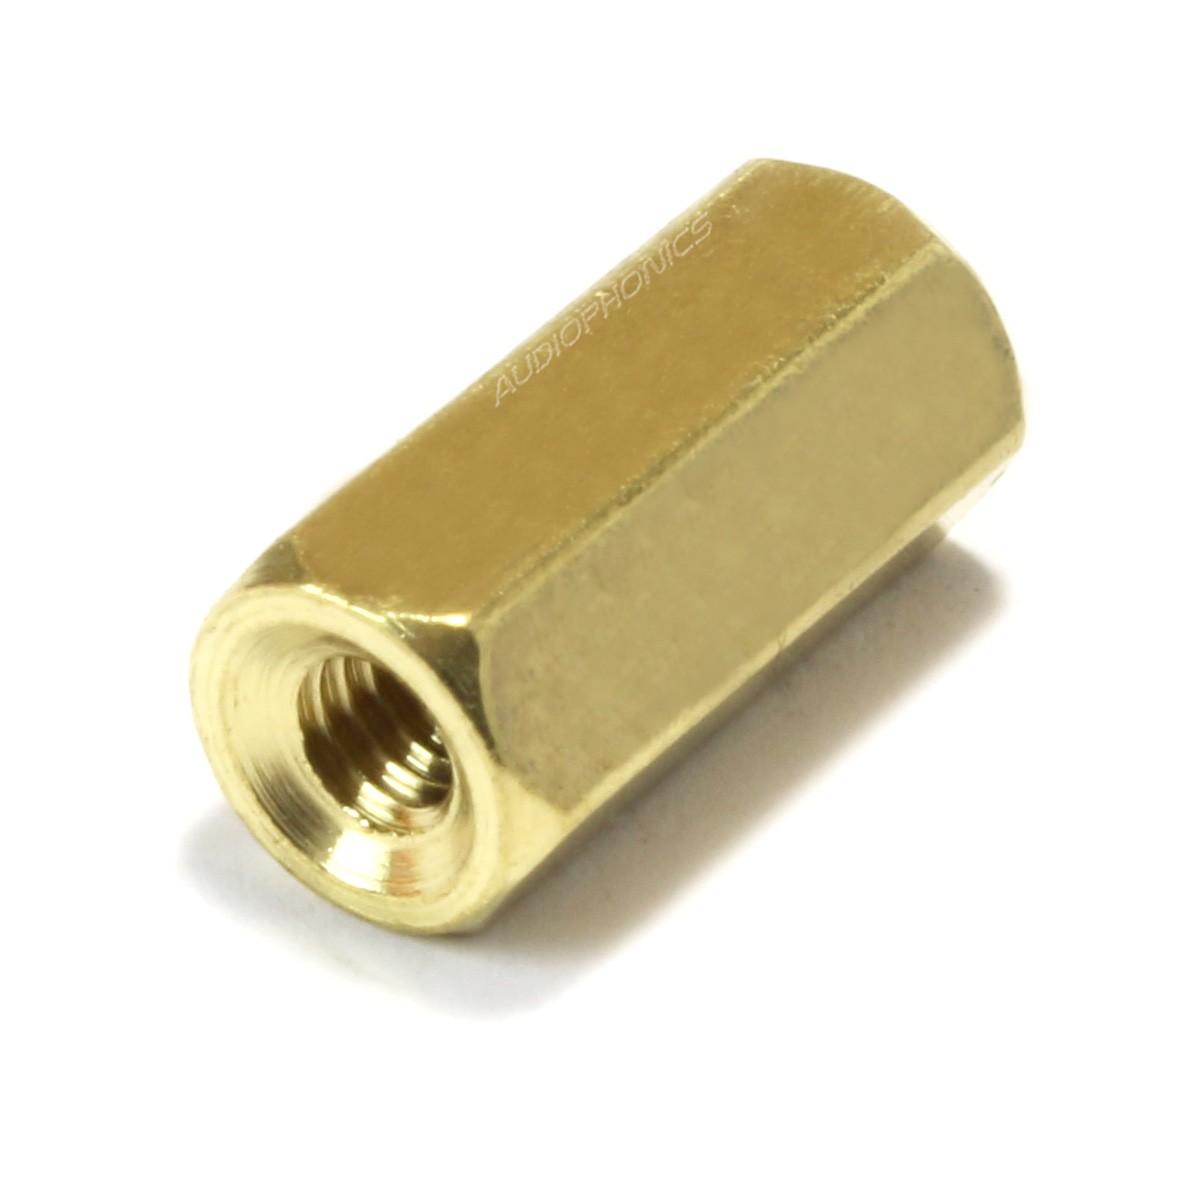 Brass Spacers M2.5x10mm Female / Female (x10)